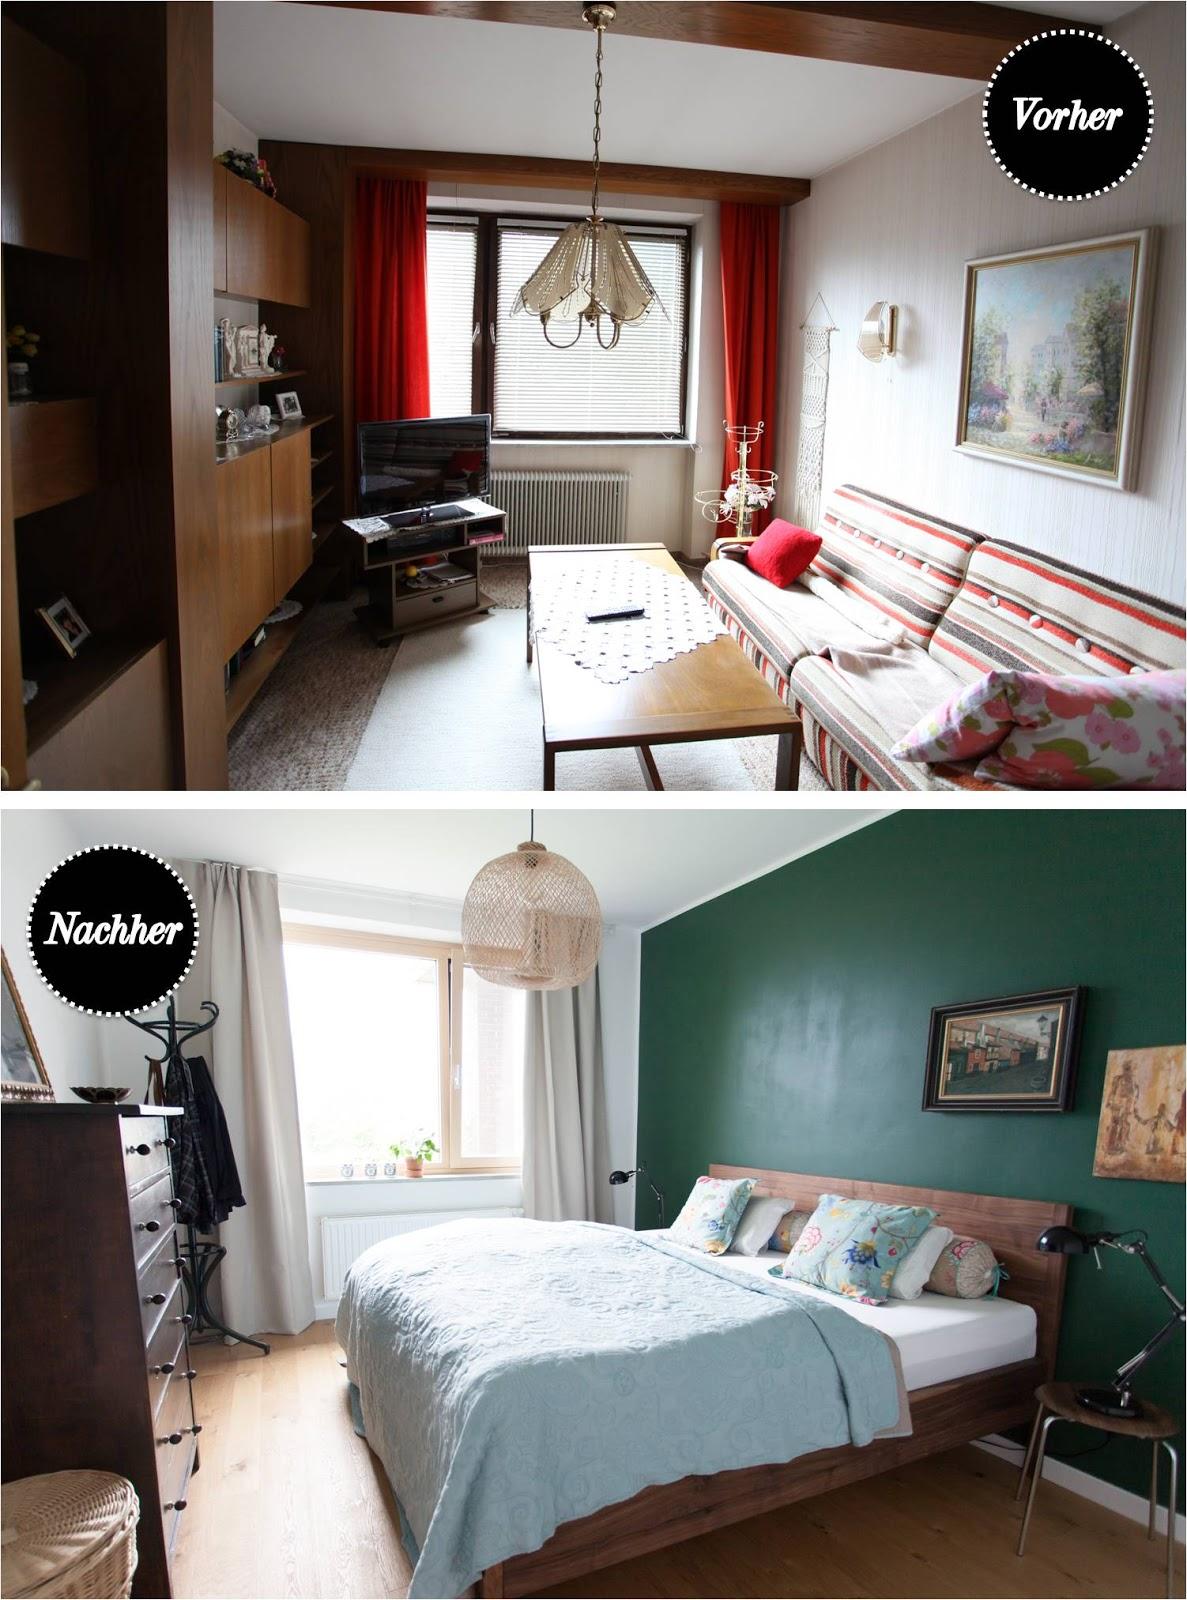 Vorher-Nachher: Unser Schlafzimmer / WOHN:PROJEKT